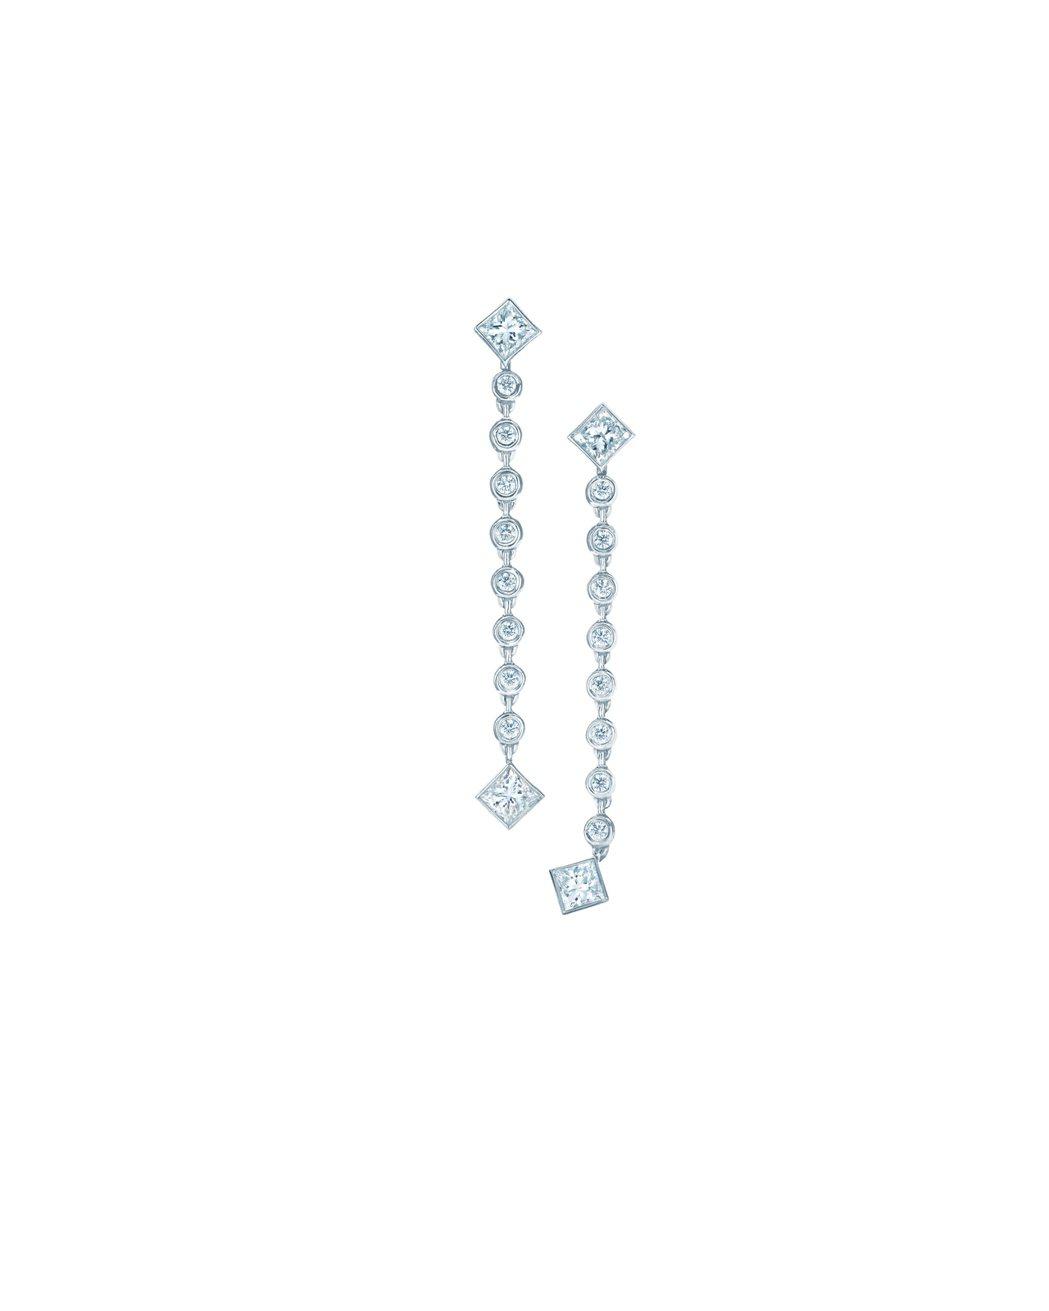 艾瑪史東配戴的Tiffany珠寶相似款,鉑金鑲嵌鑽石垂墜耳環,27萬9,000元...